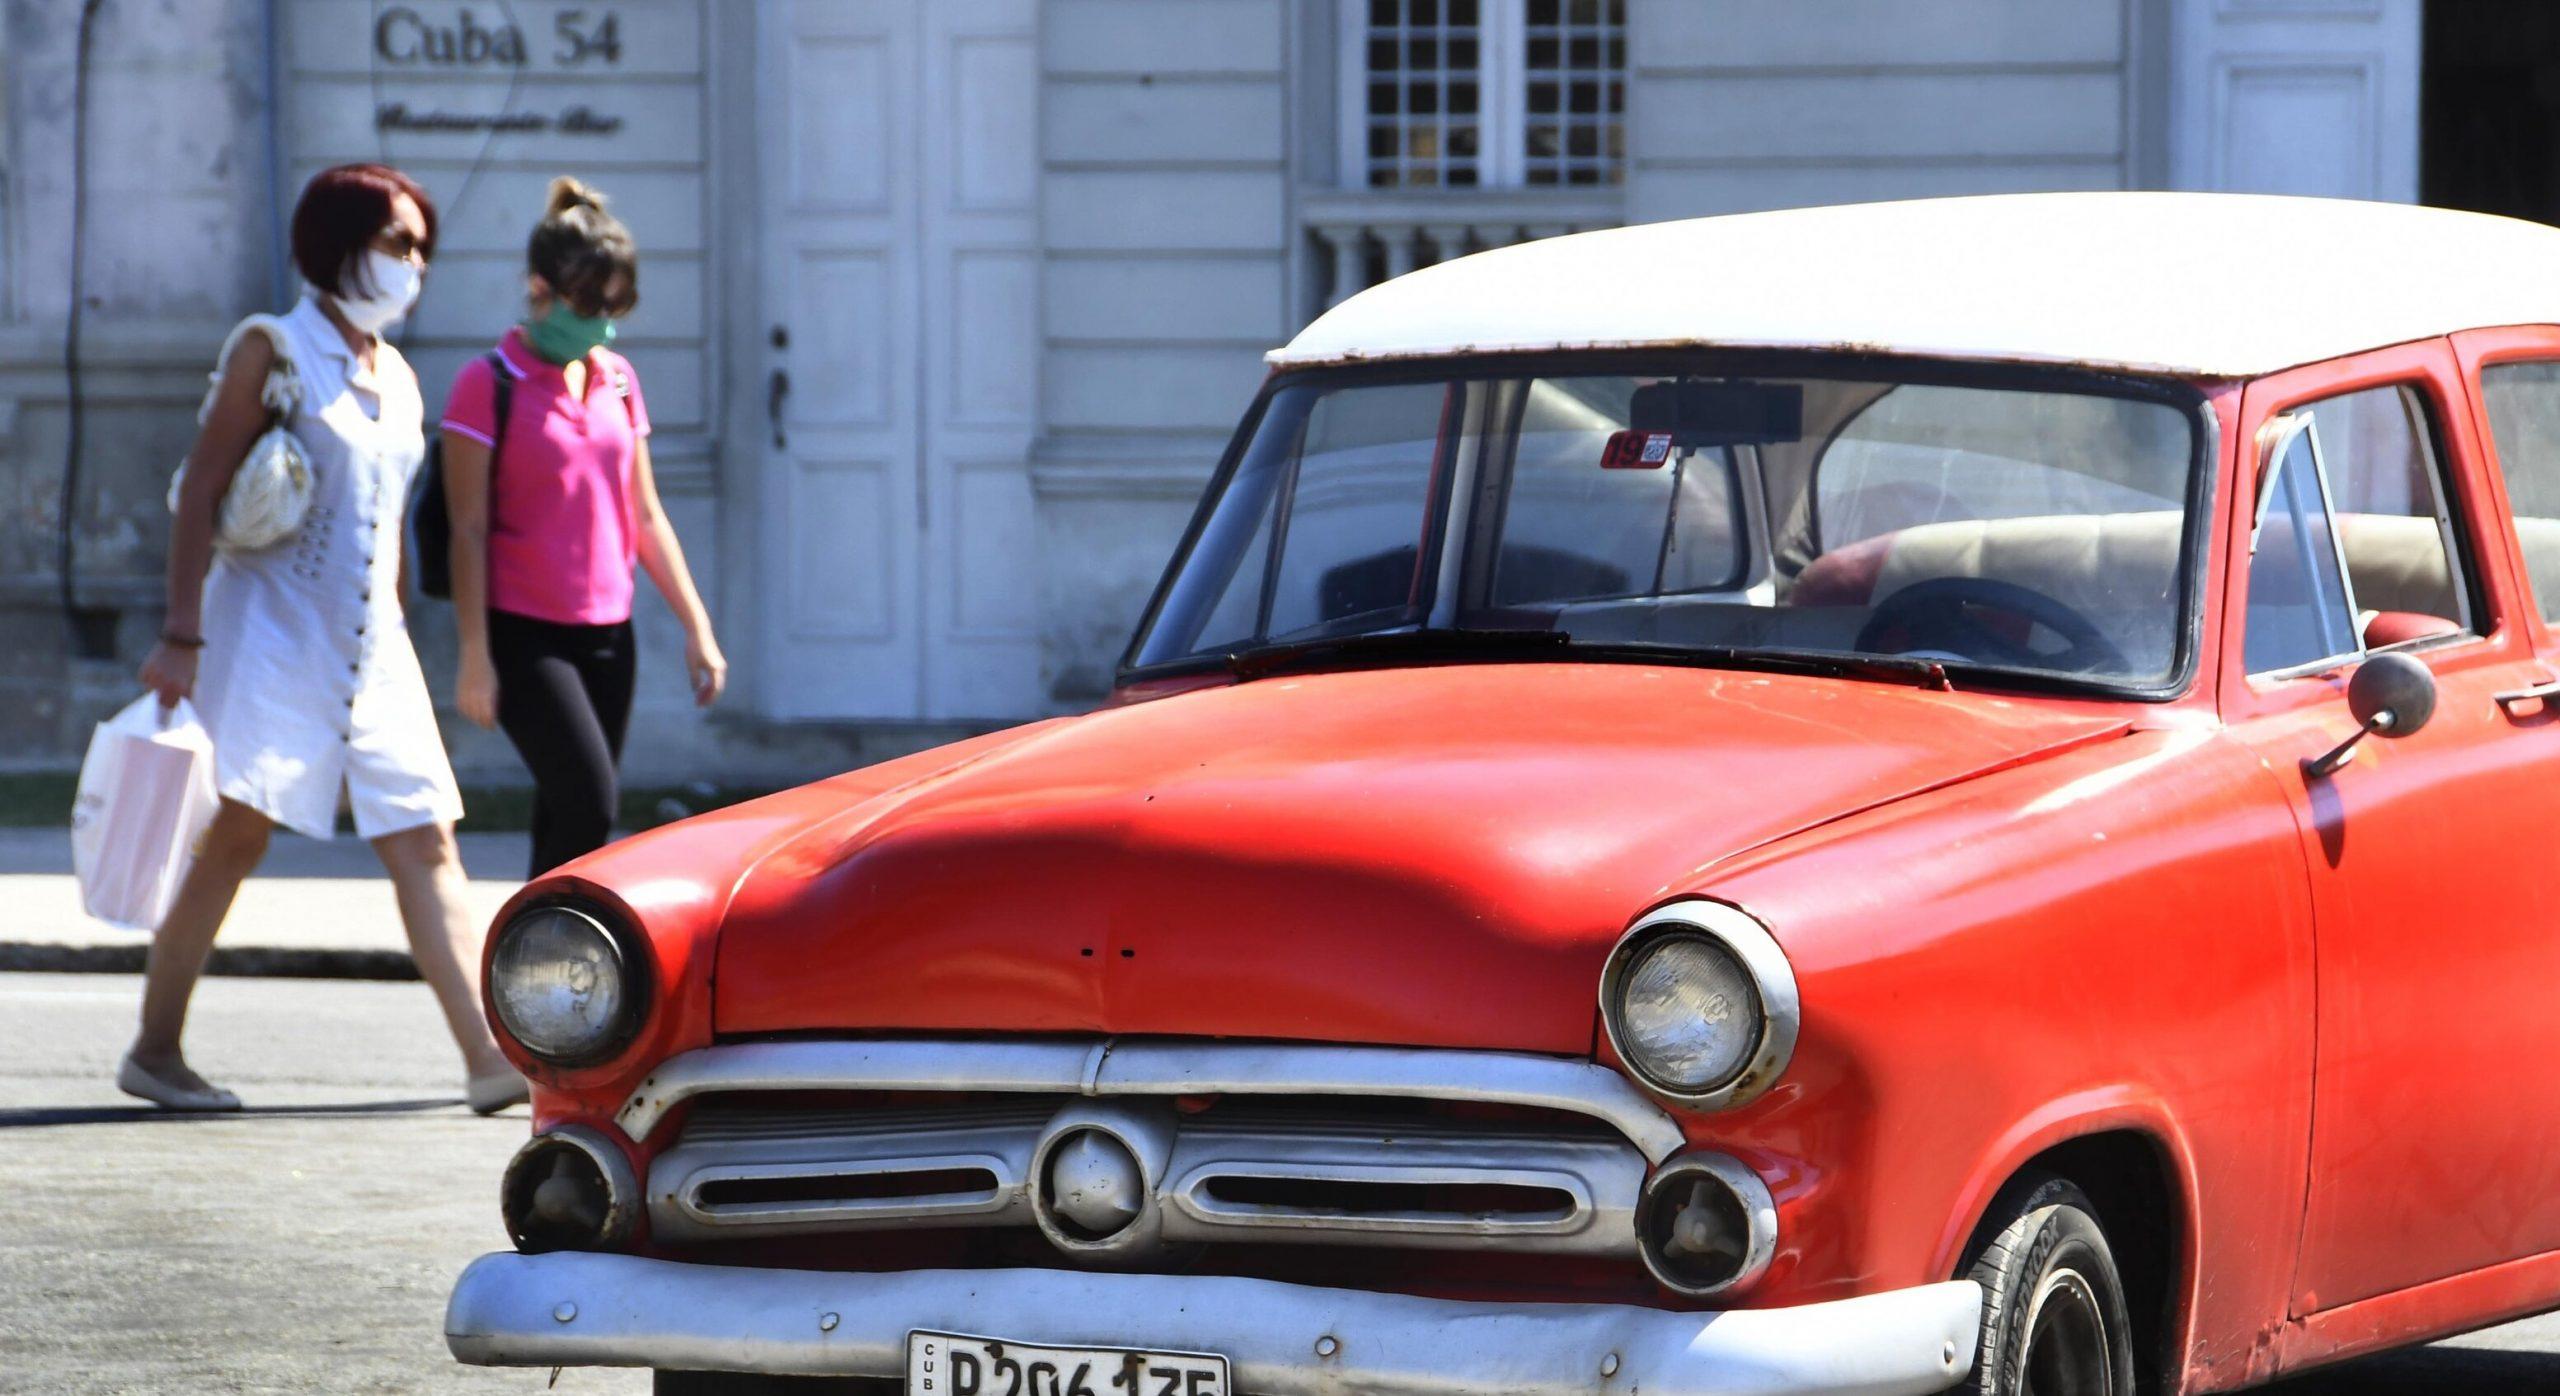 Campanie de promovare a turismului în Cuba  Vii în vacanță, primești bonus vaccinul lor anti-Covid